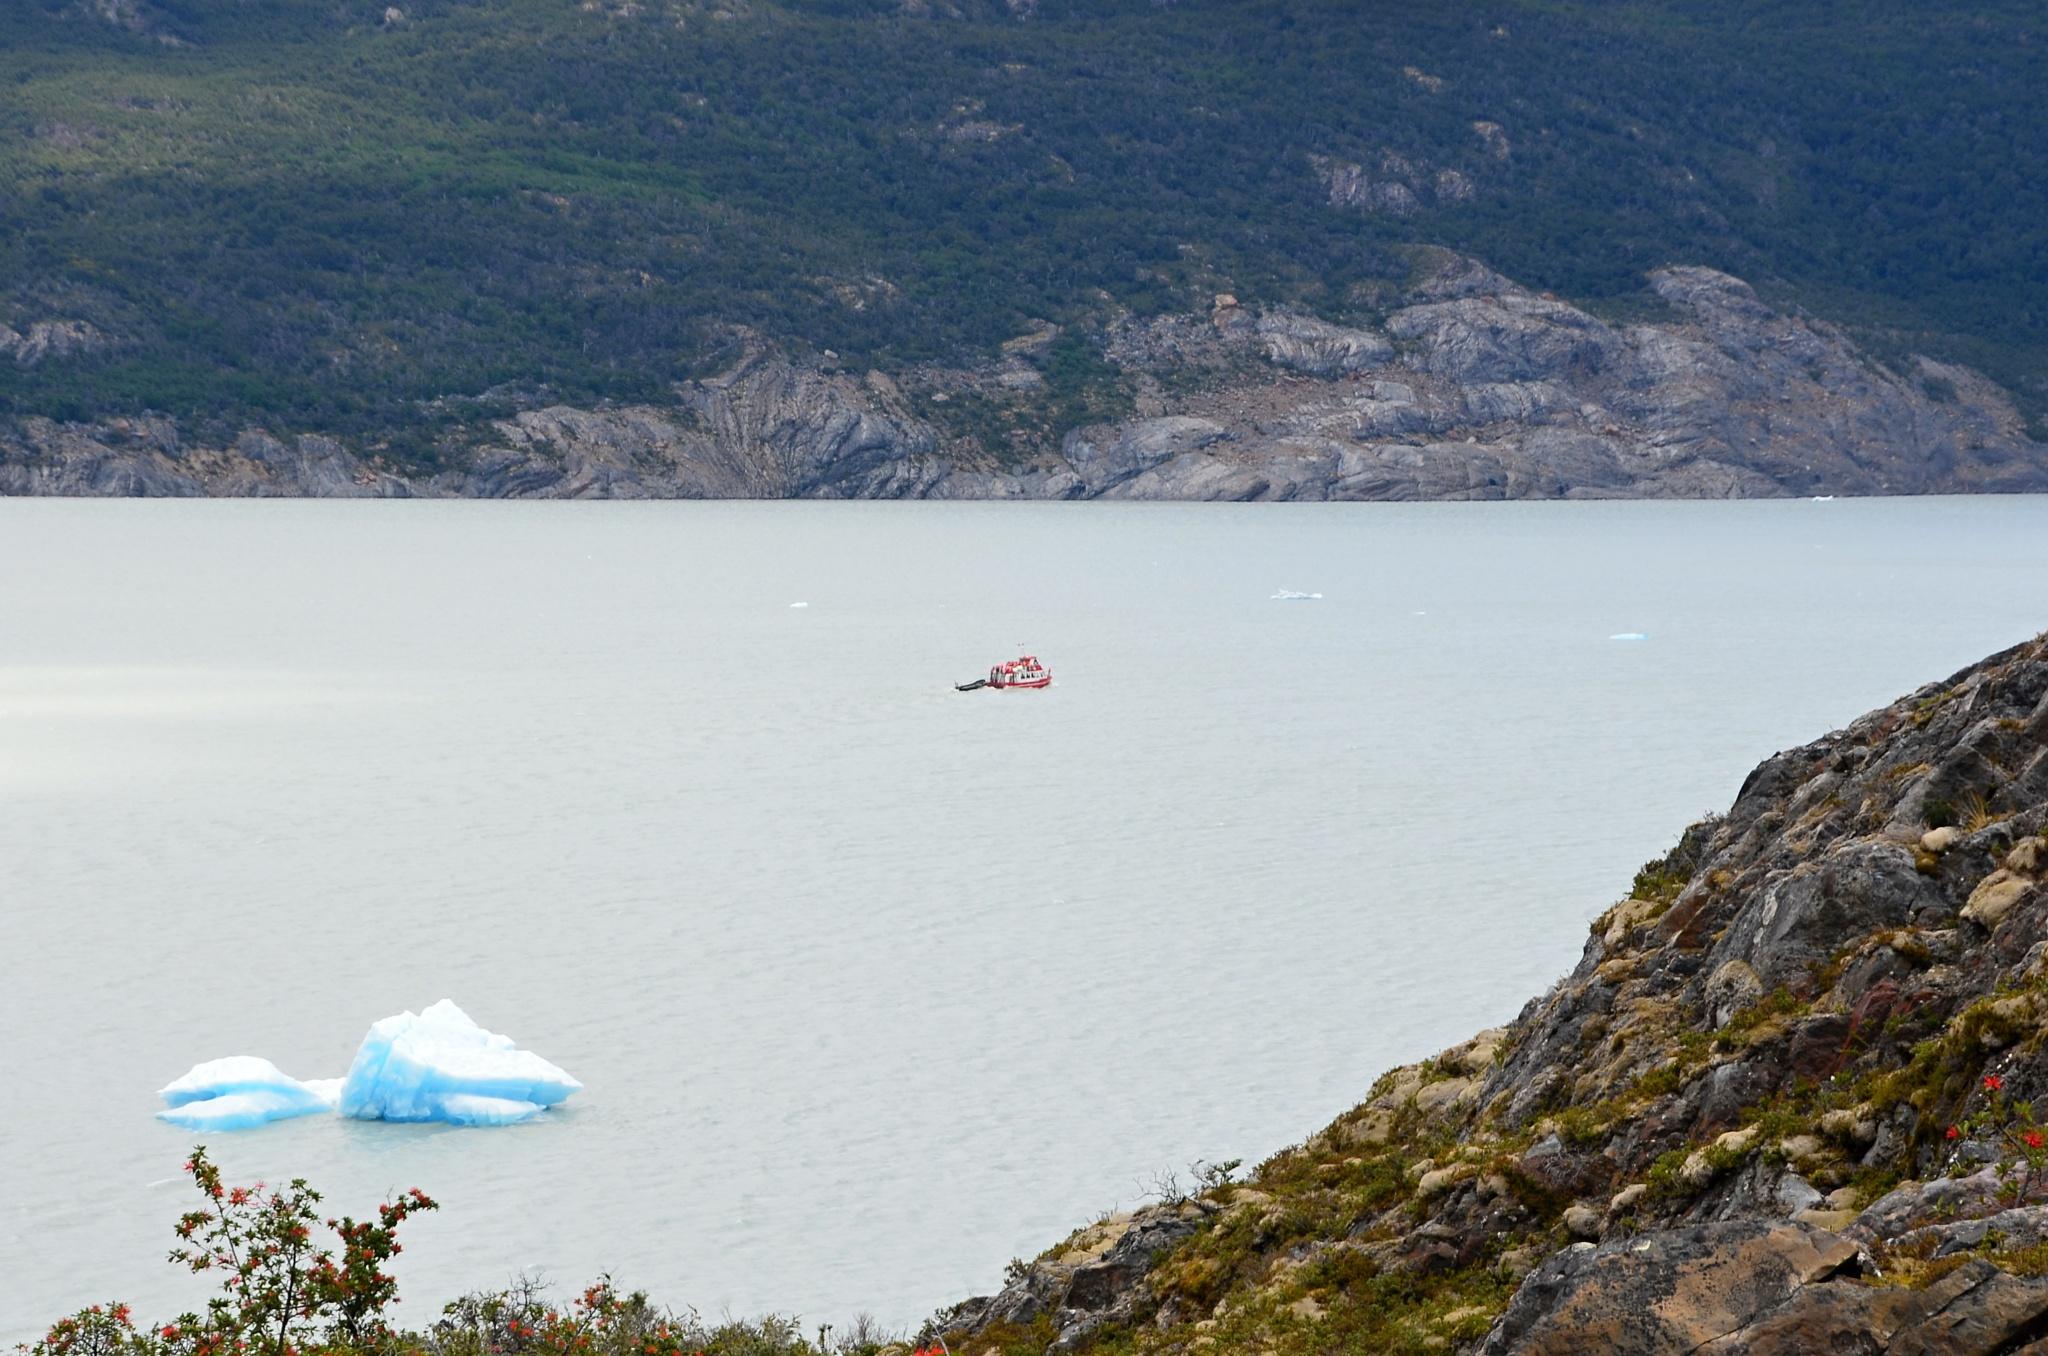 Kra a loď plná turistů mířící k ledovci